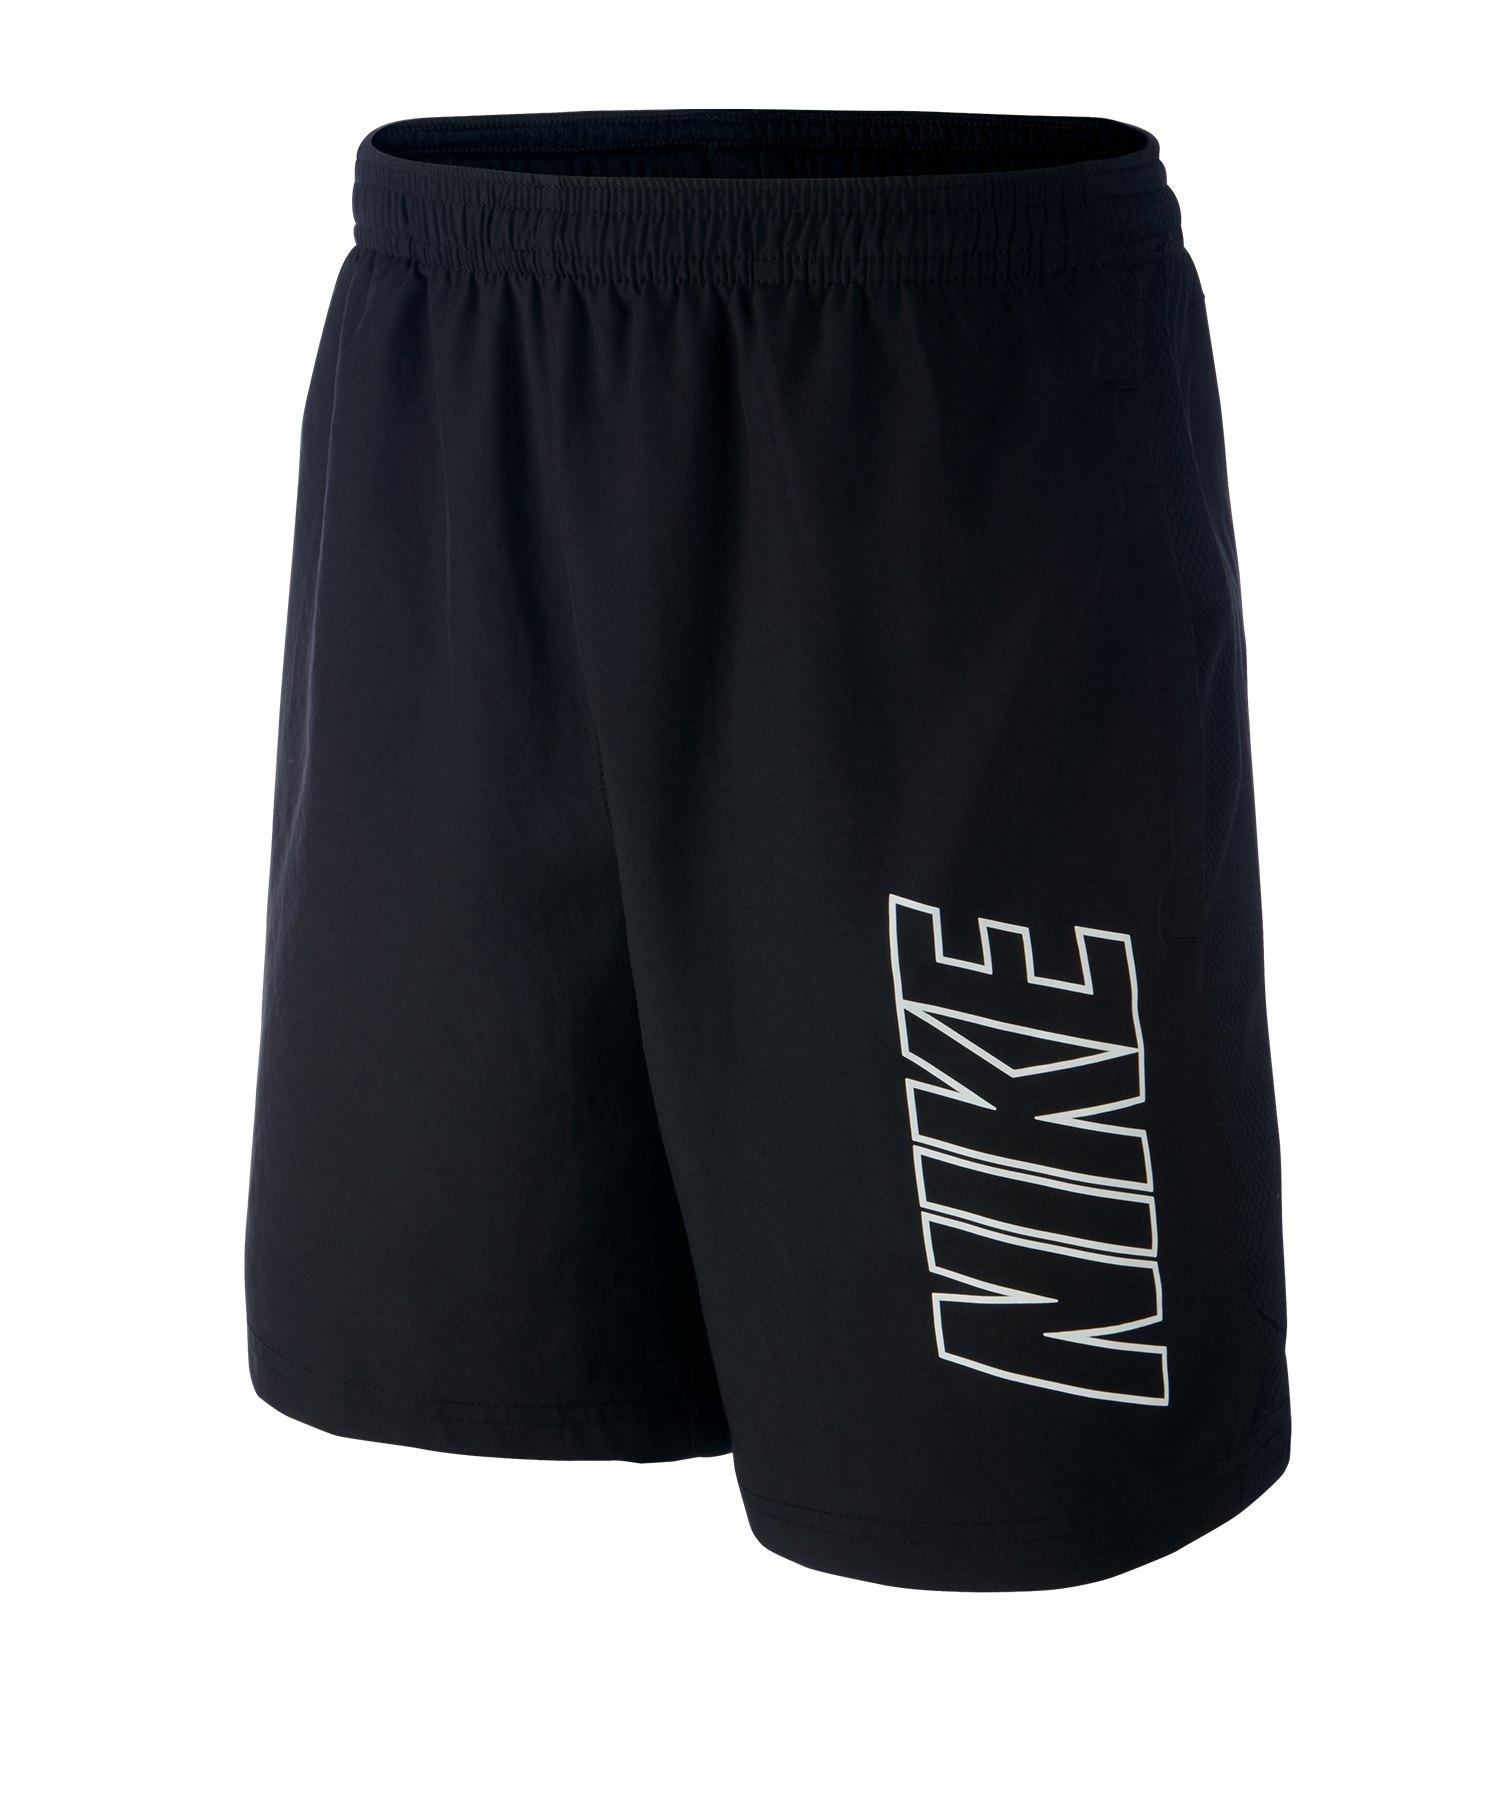 Nike Academy Short Kids Schwarz F011 - schwarz